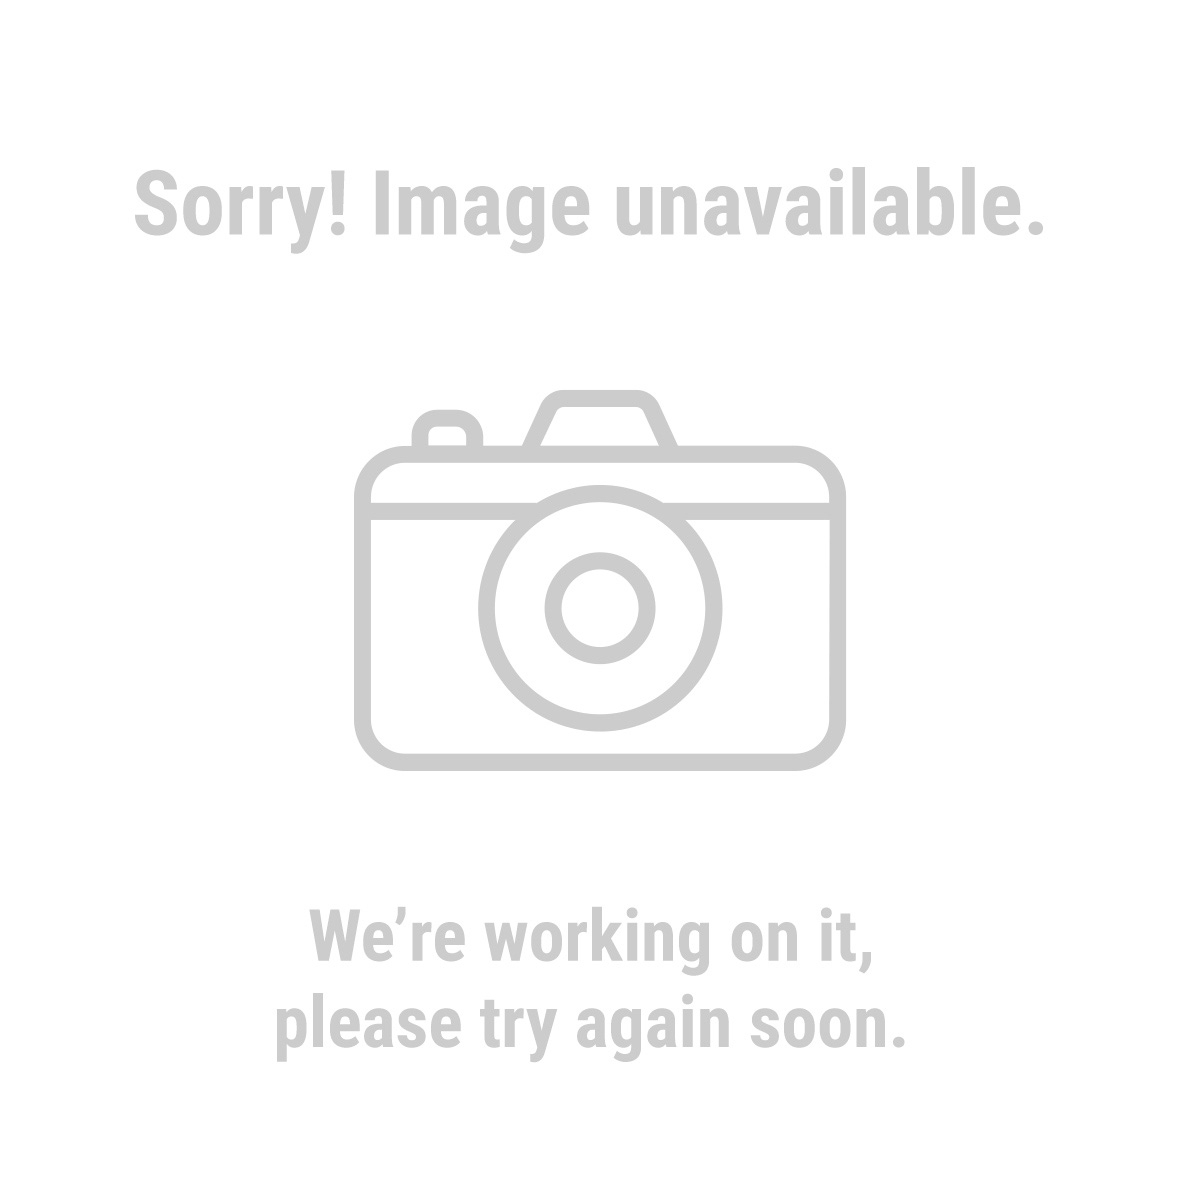 """Haul-Master 44143 4.8"""" x 8"""" ID Trailer Spare Tire"""